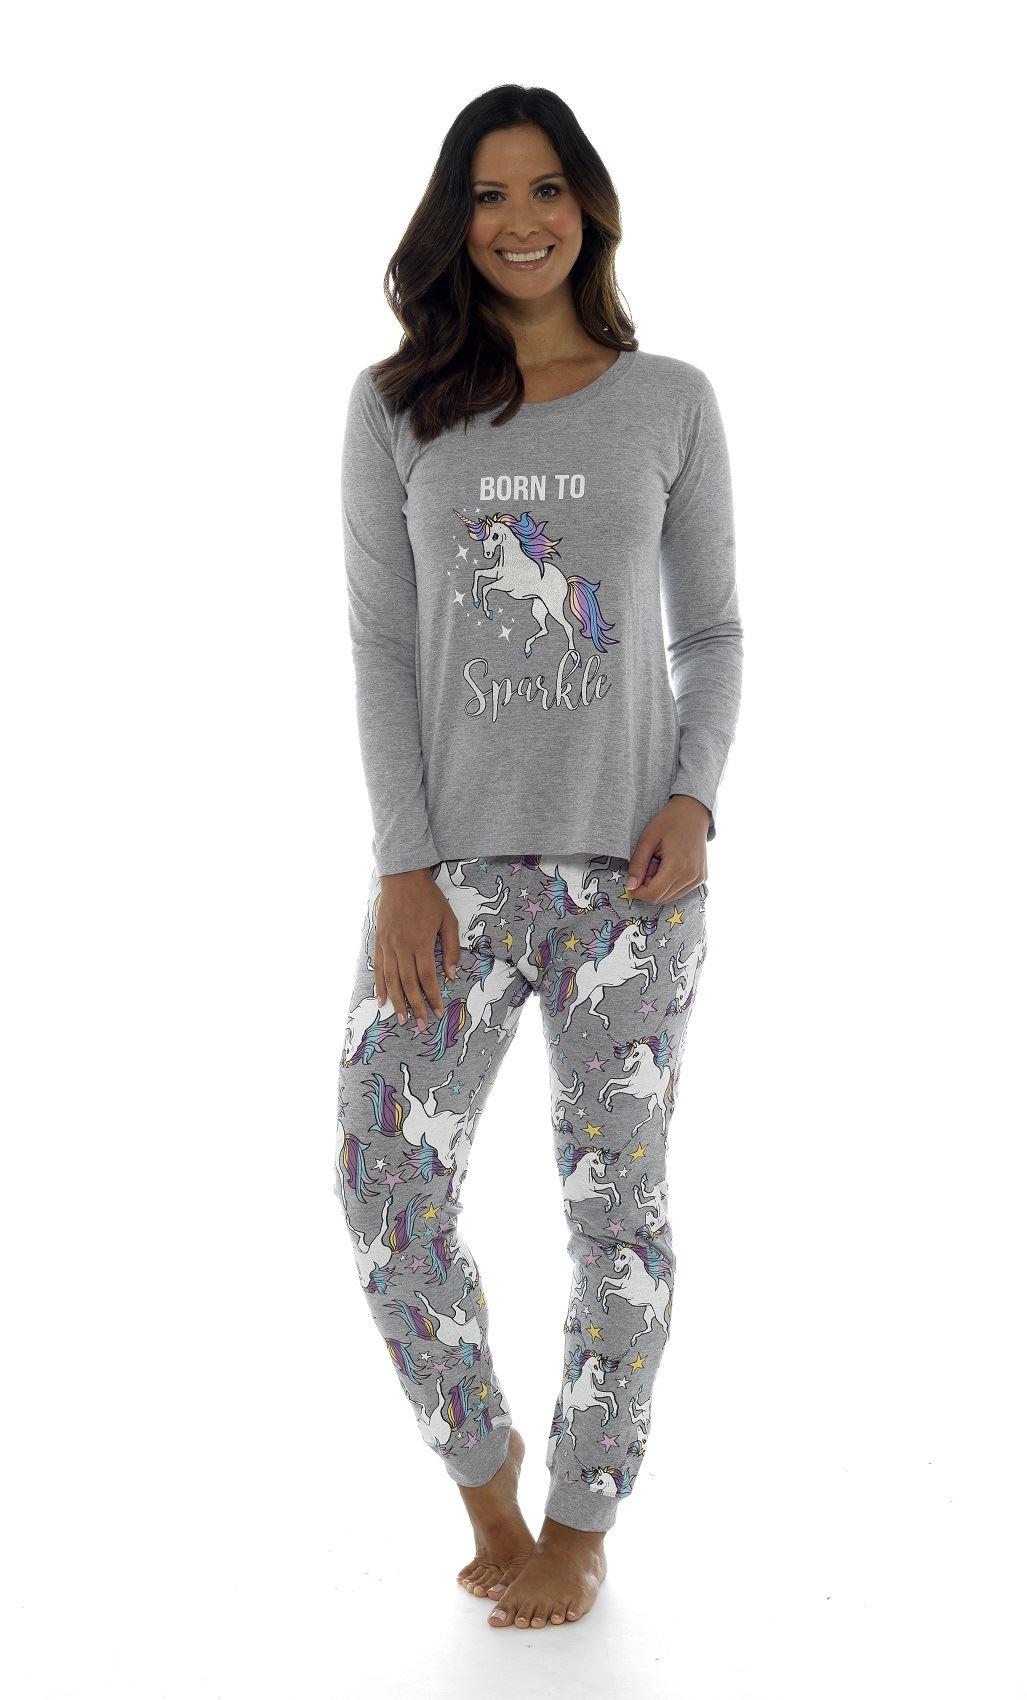 87fe25b887 Ladies Girls Cotton Born To Sparkle Unicorn Grey Pyjama Mini Me ...